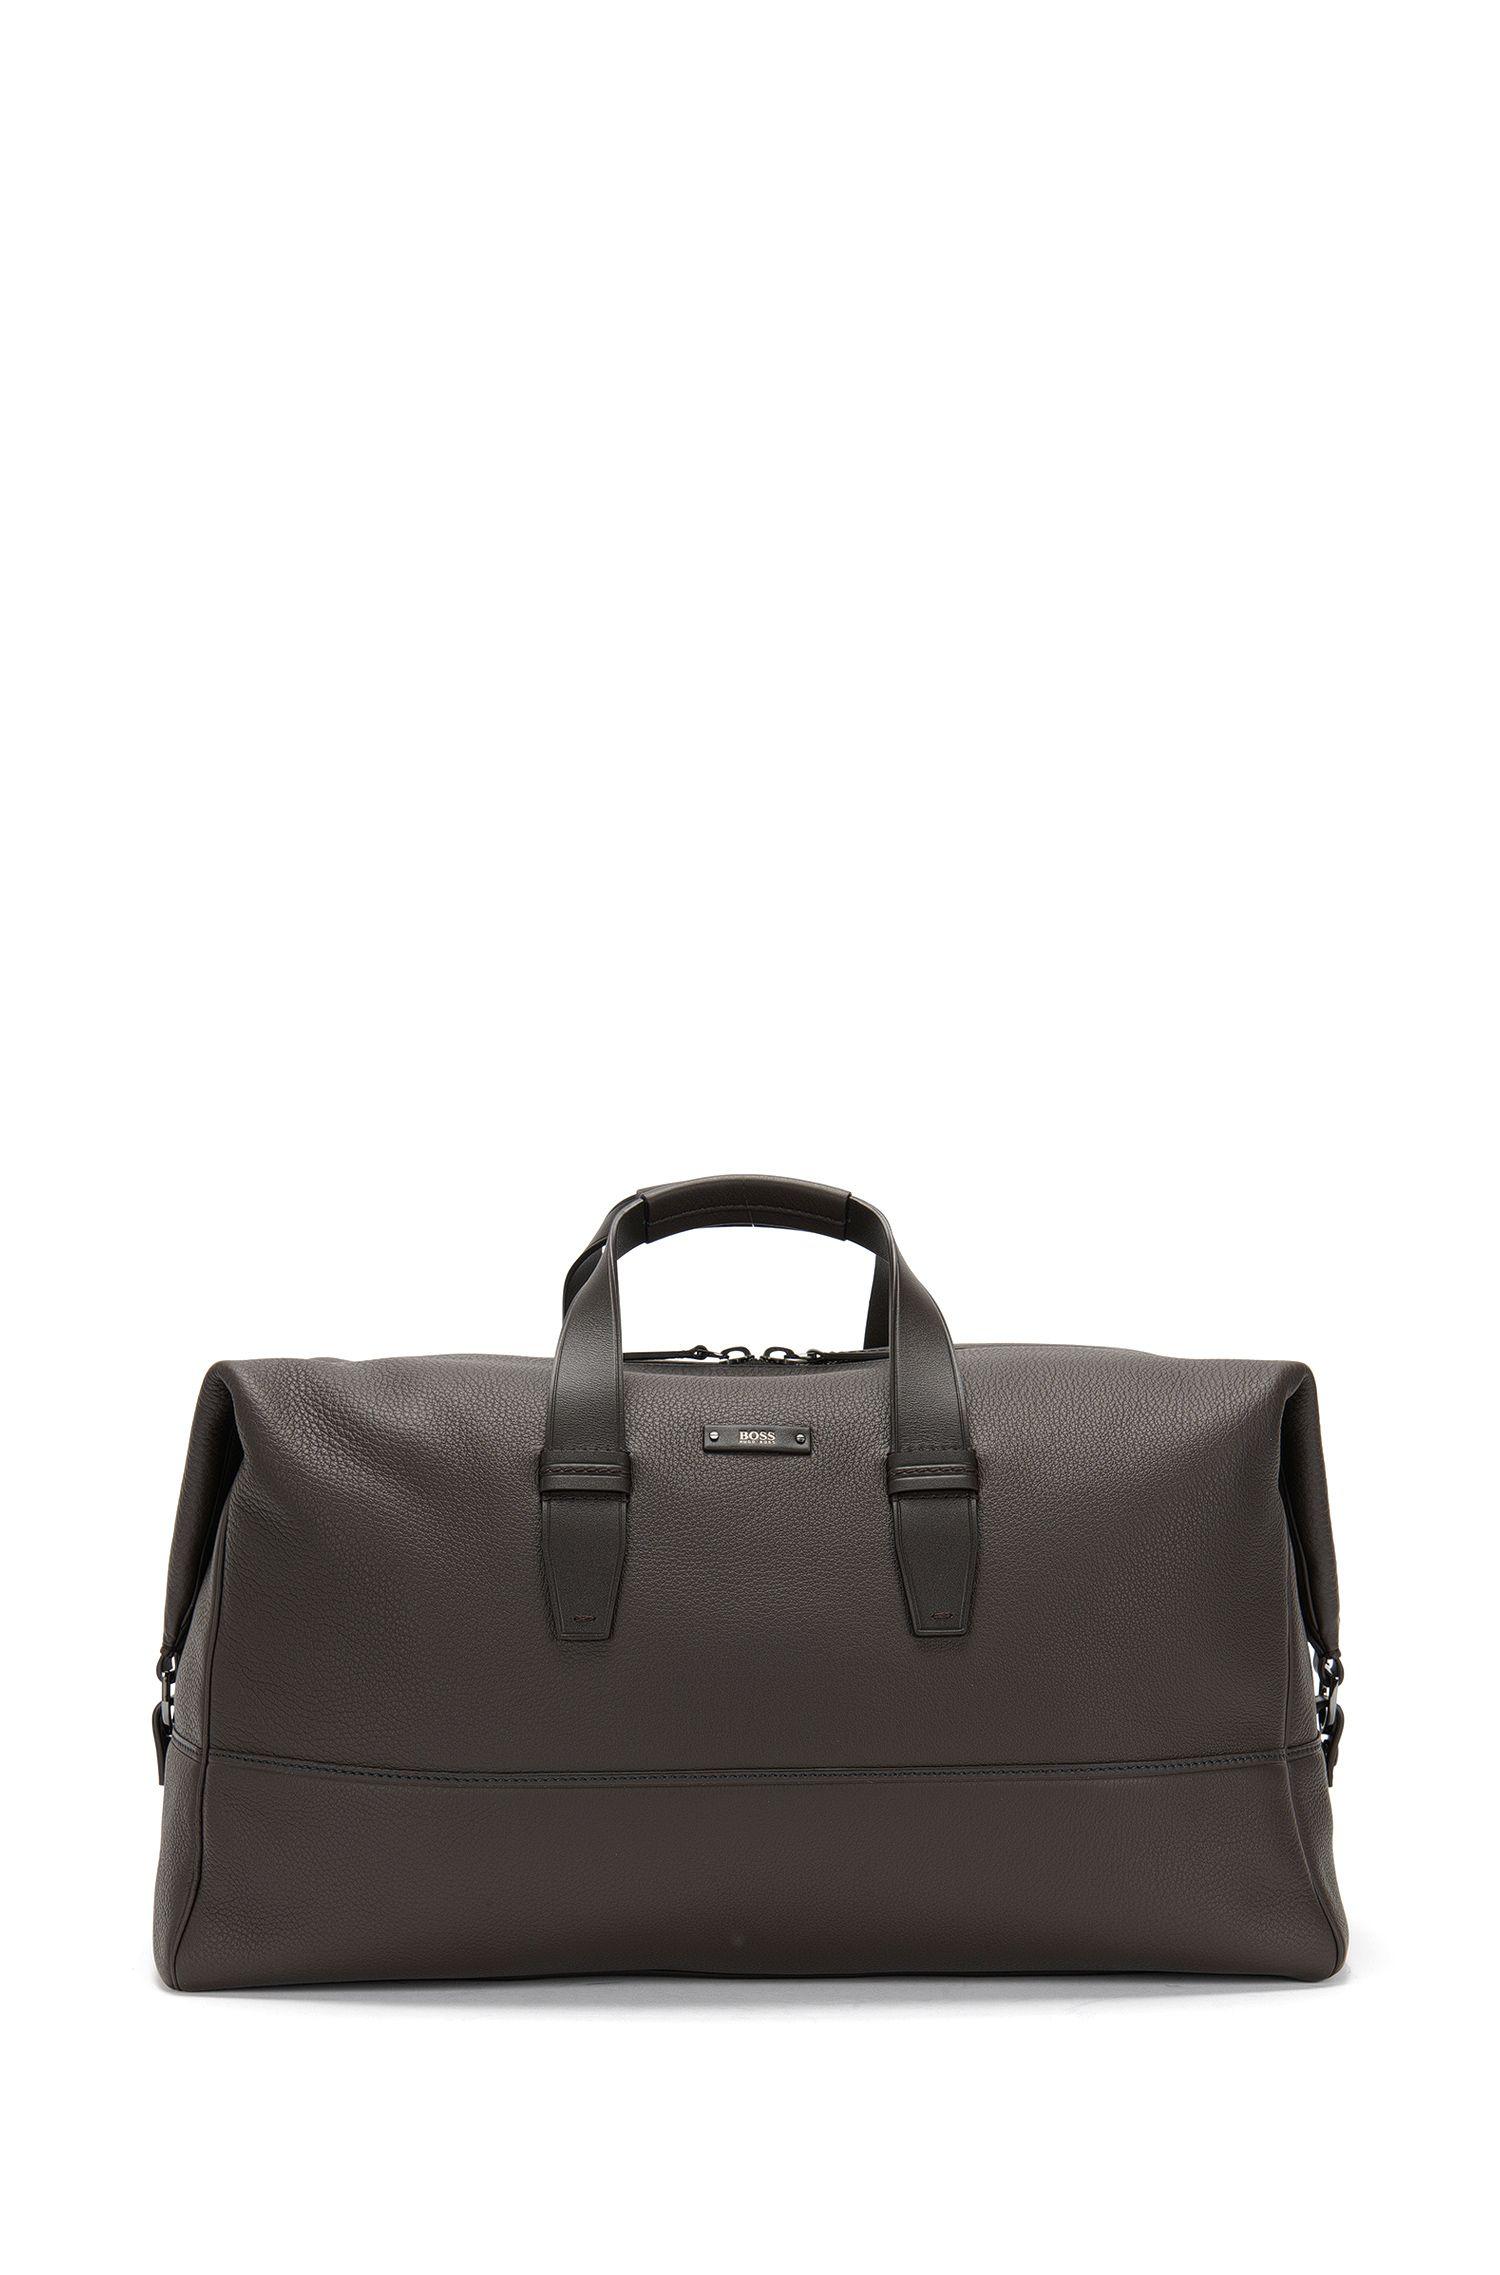 'Aspen Holdall'   Italian Leather Weekender Bag, Removable Shoulder Strap